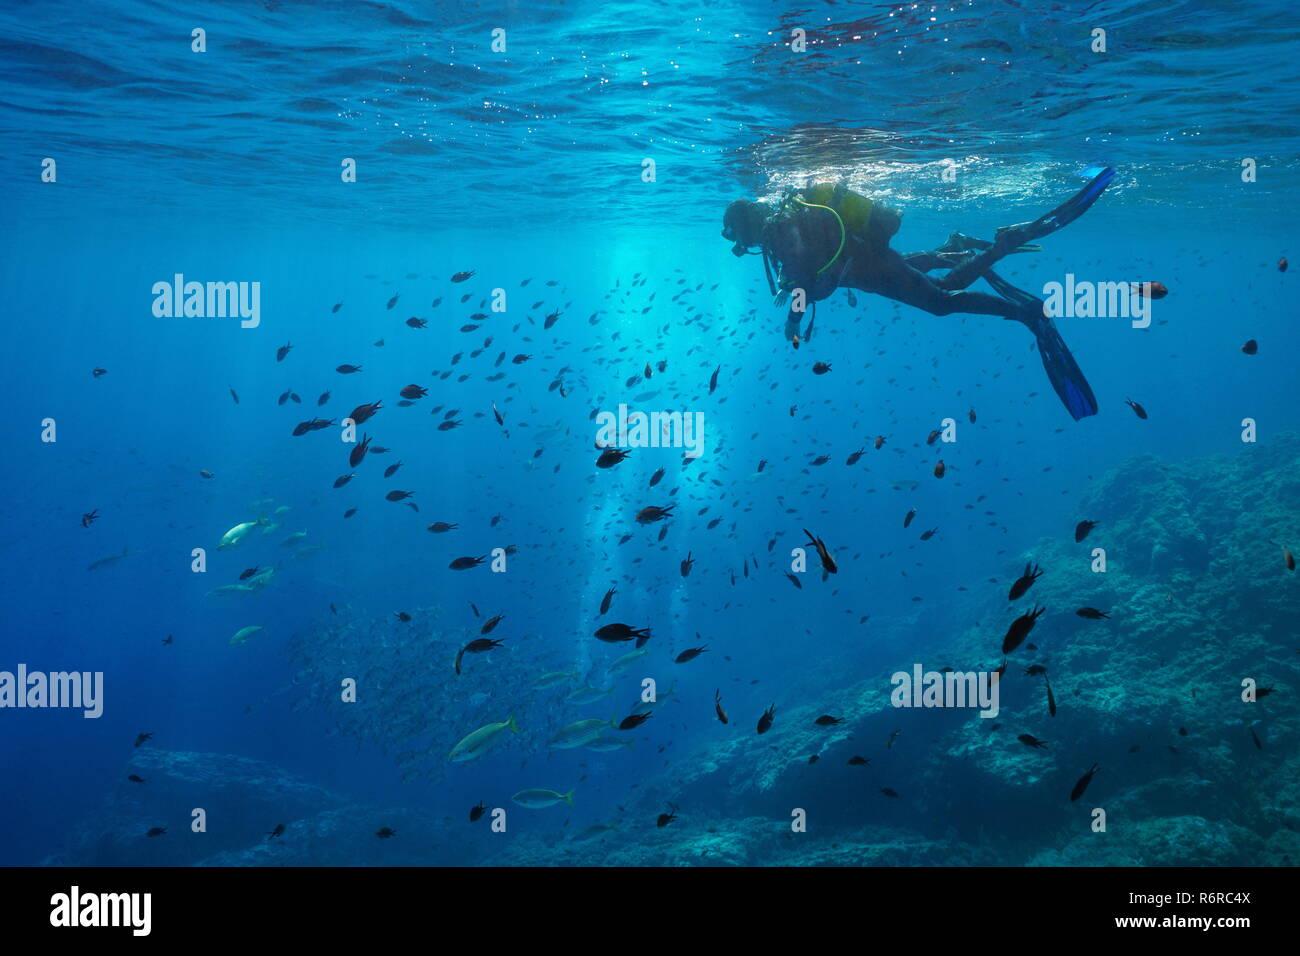 Scuba Diver sur surface de l'oeil à banc de poissons sous l'eau, mer Méditerranée, Îles Medes, Costa Brava, Espagne Photo Stock